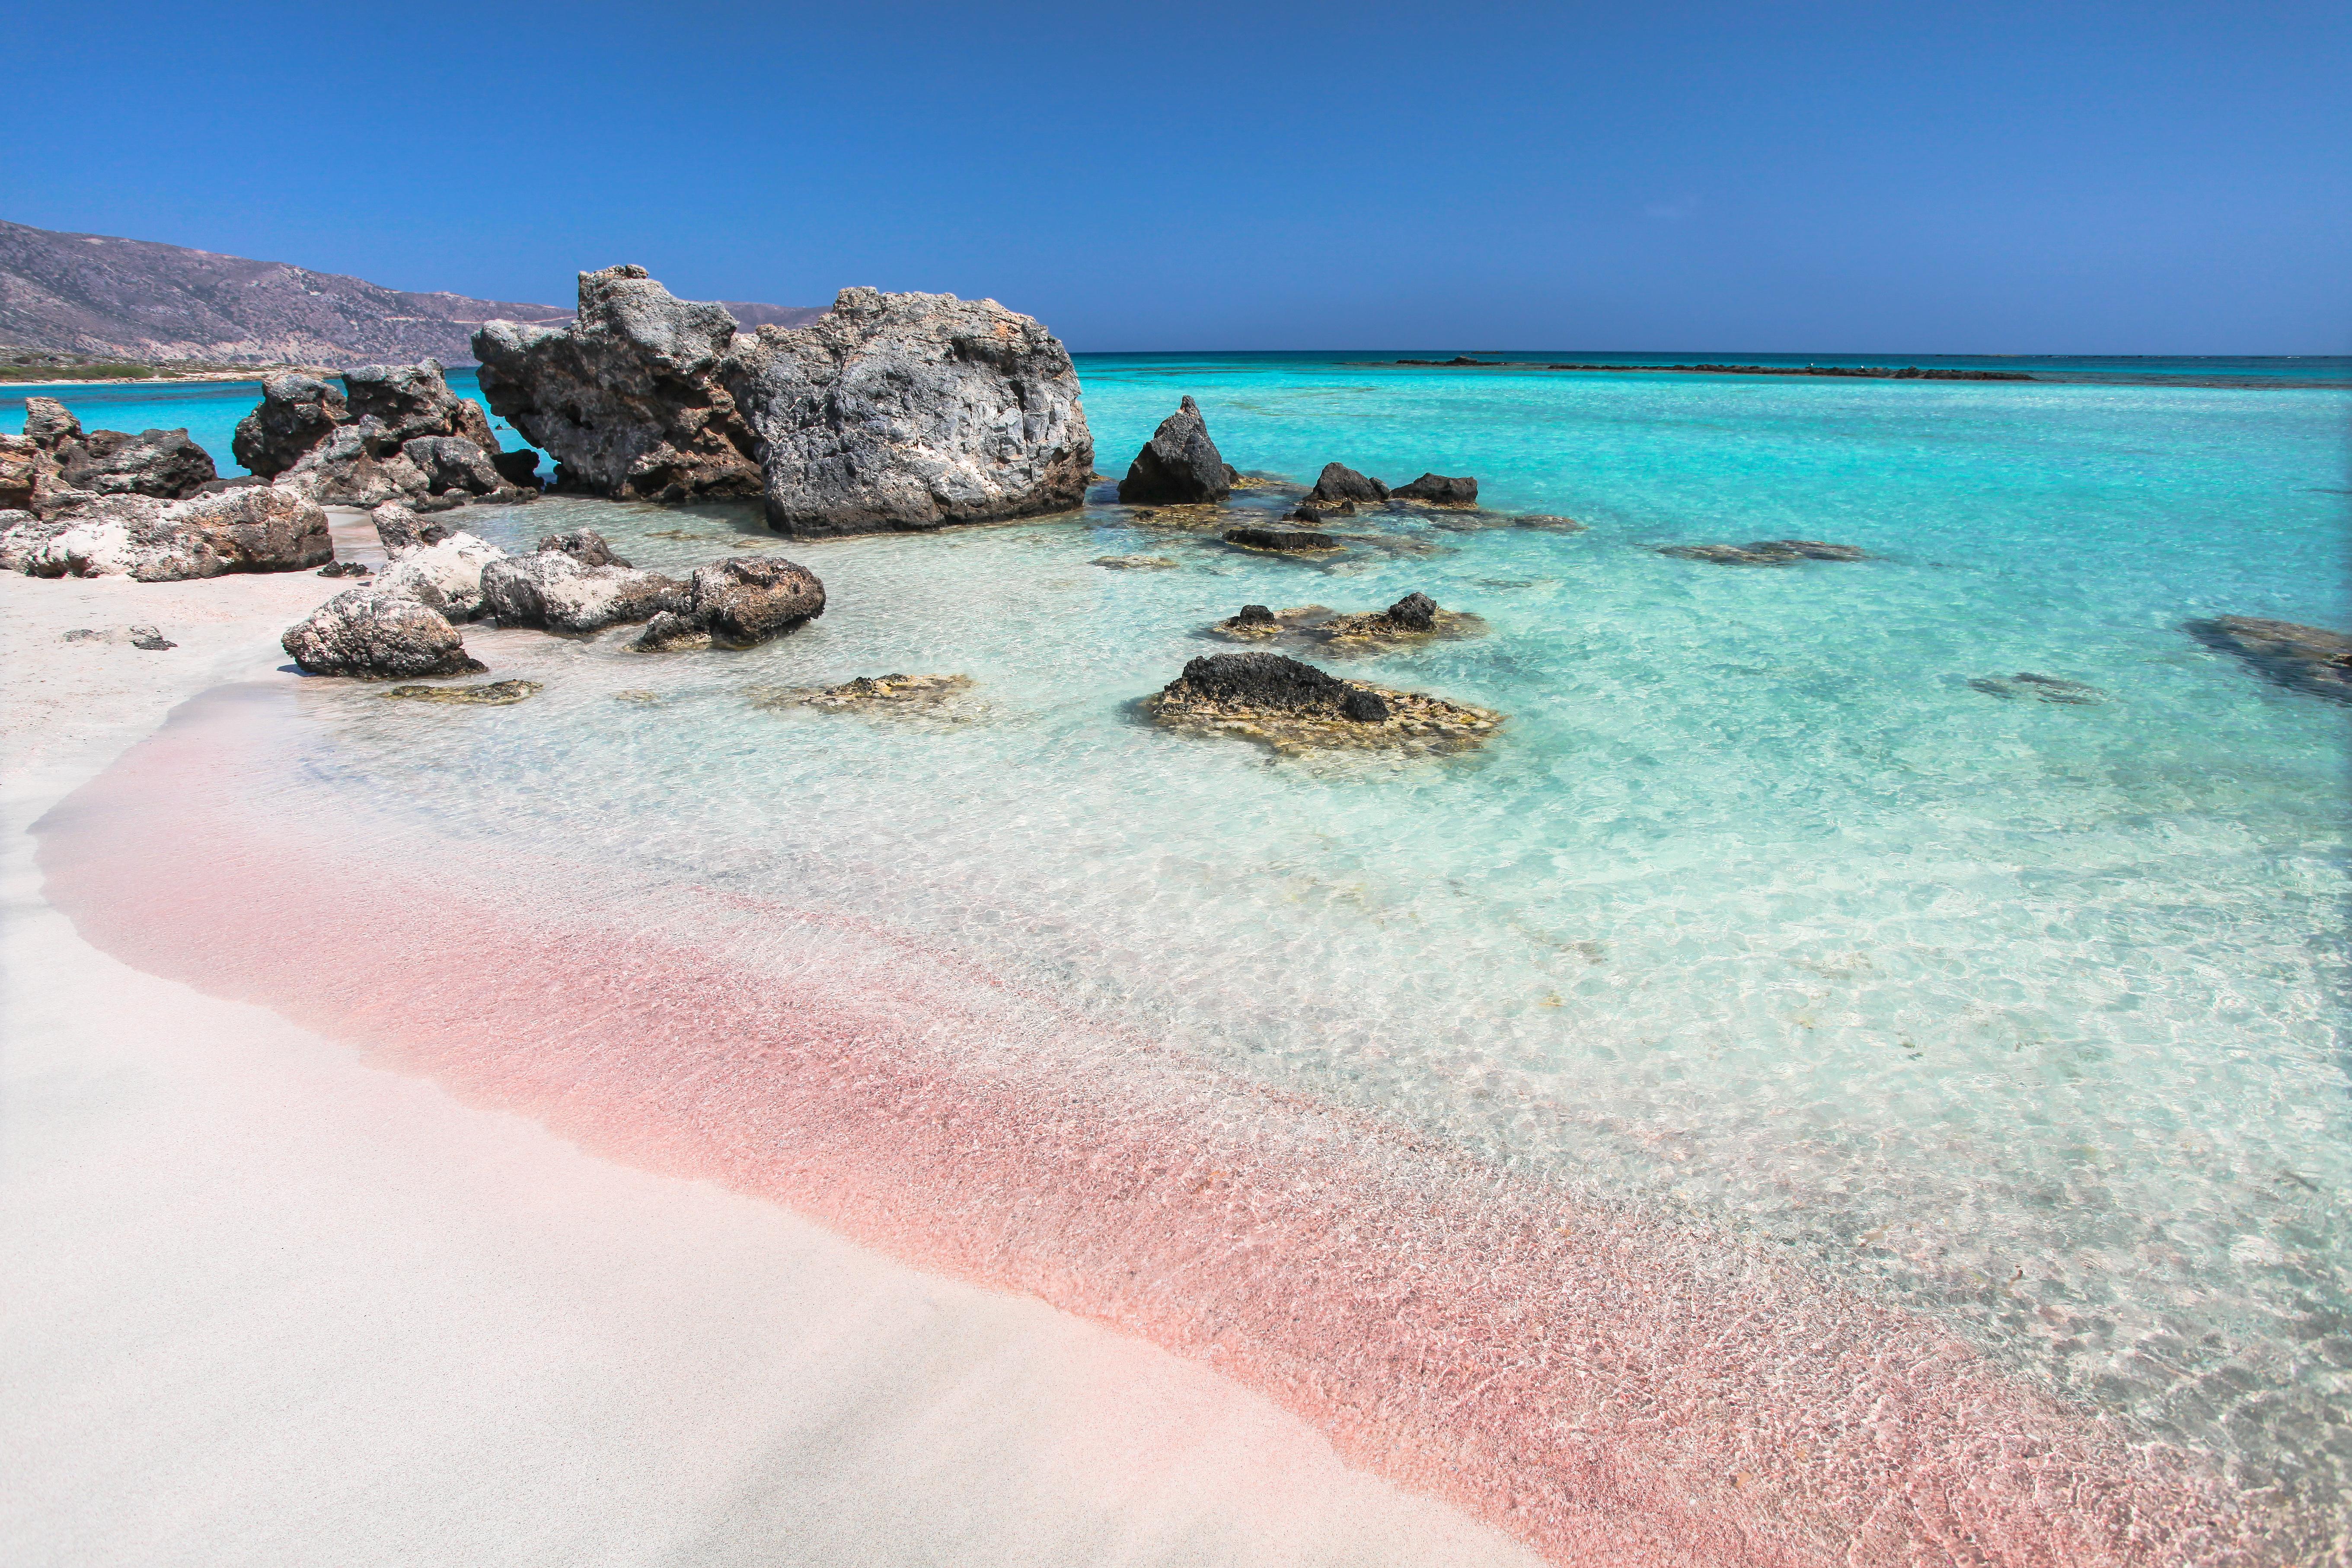 La playa de Elafonisi es, sin duda, una de las playas más hermosas que Europa tiene para ofrecer. El remoto Elafonisi se encuentra escondido en el punto más al sudoeste de Creta. Su fina arena de color rosa coral, su agua color turquesa perfecta y sus dunas onduladas salpicadas de lirios de arena y enebros se asemejan más a un paraíso caribeño que a una isla griega